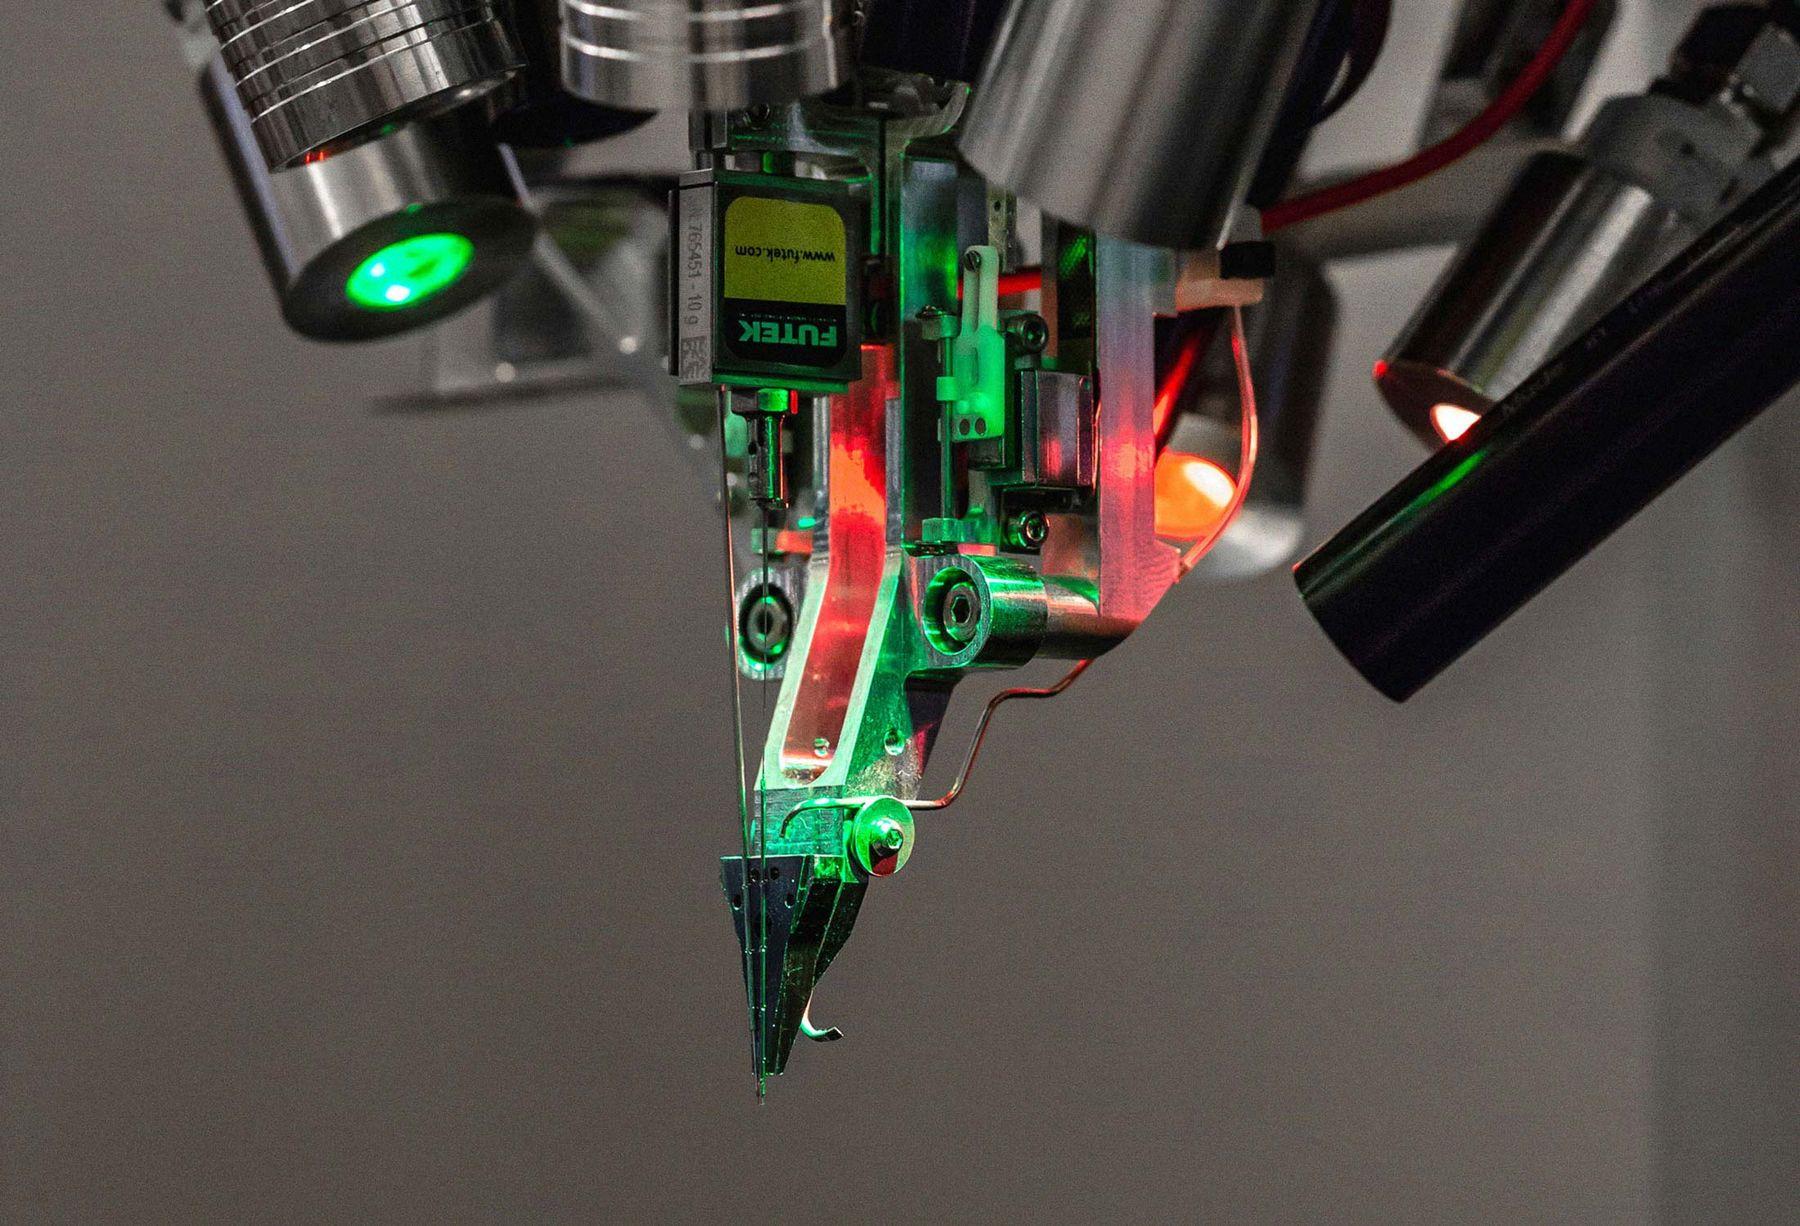 Стартап Илона Маска Neuralink представил наработки: нити-импланты для вживления в мозг - 1